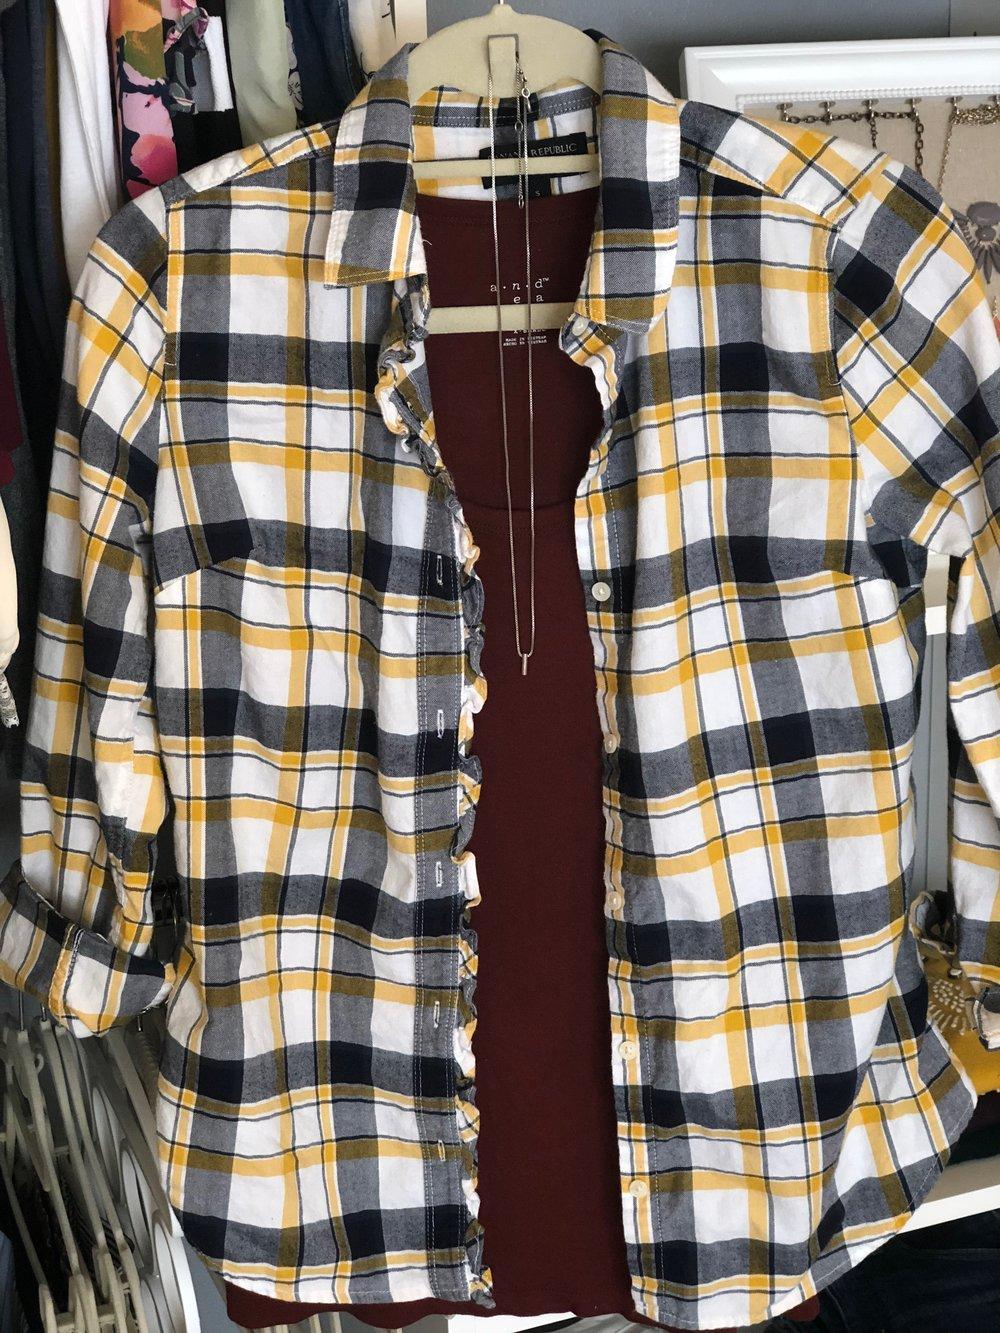 Sandi Mele - Six Ways to Style a Vest